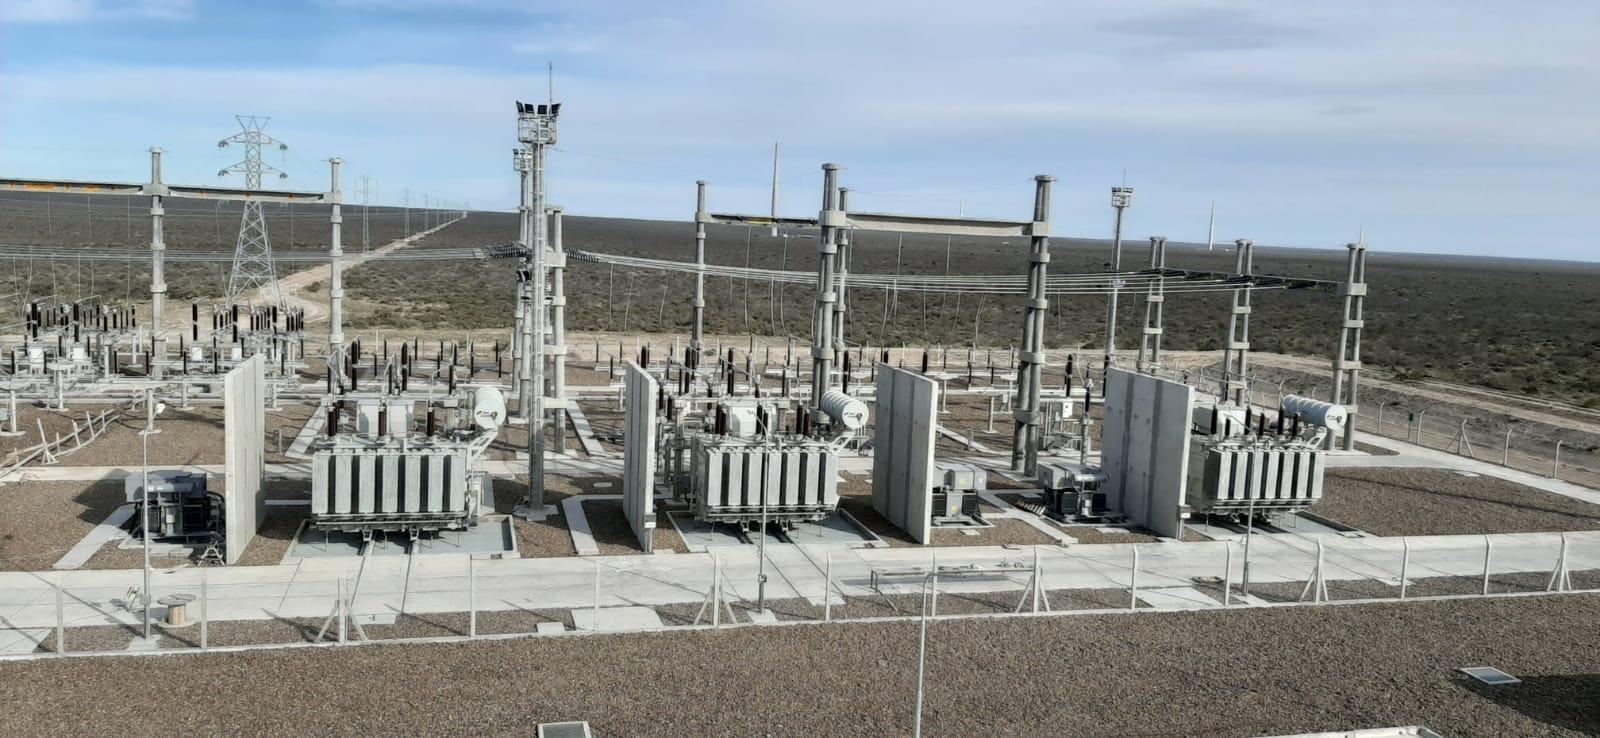 Subestación Parque eólico Chubut Norte 33/132 kV